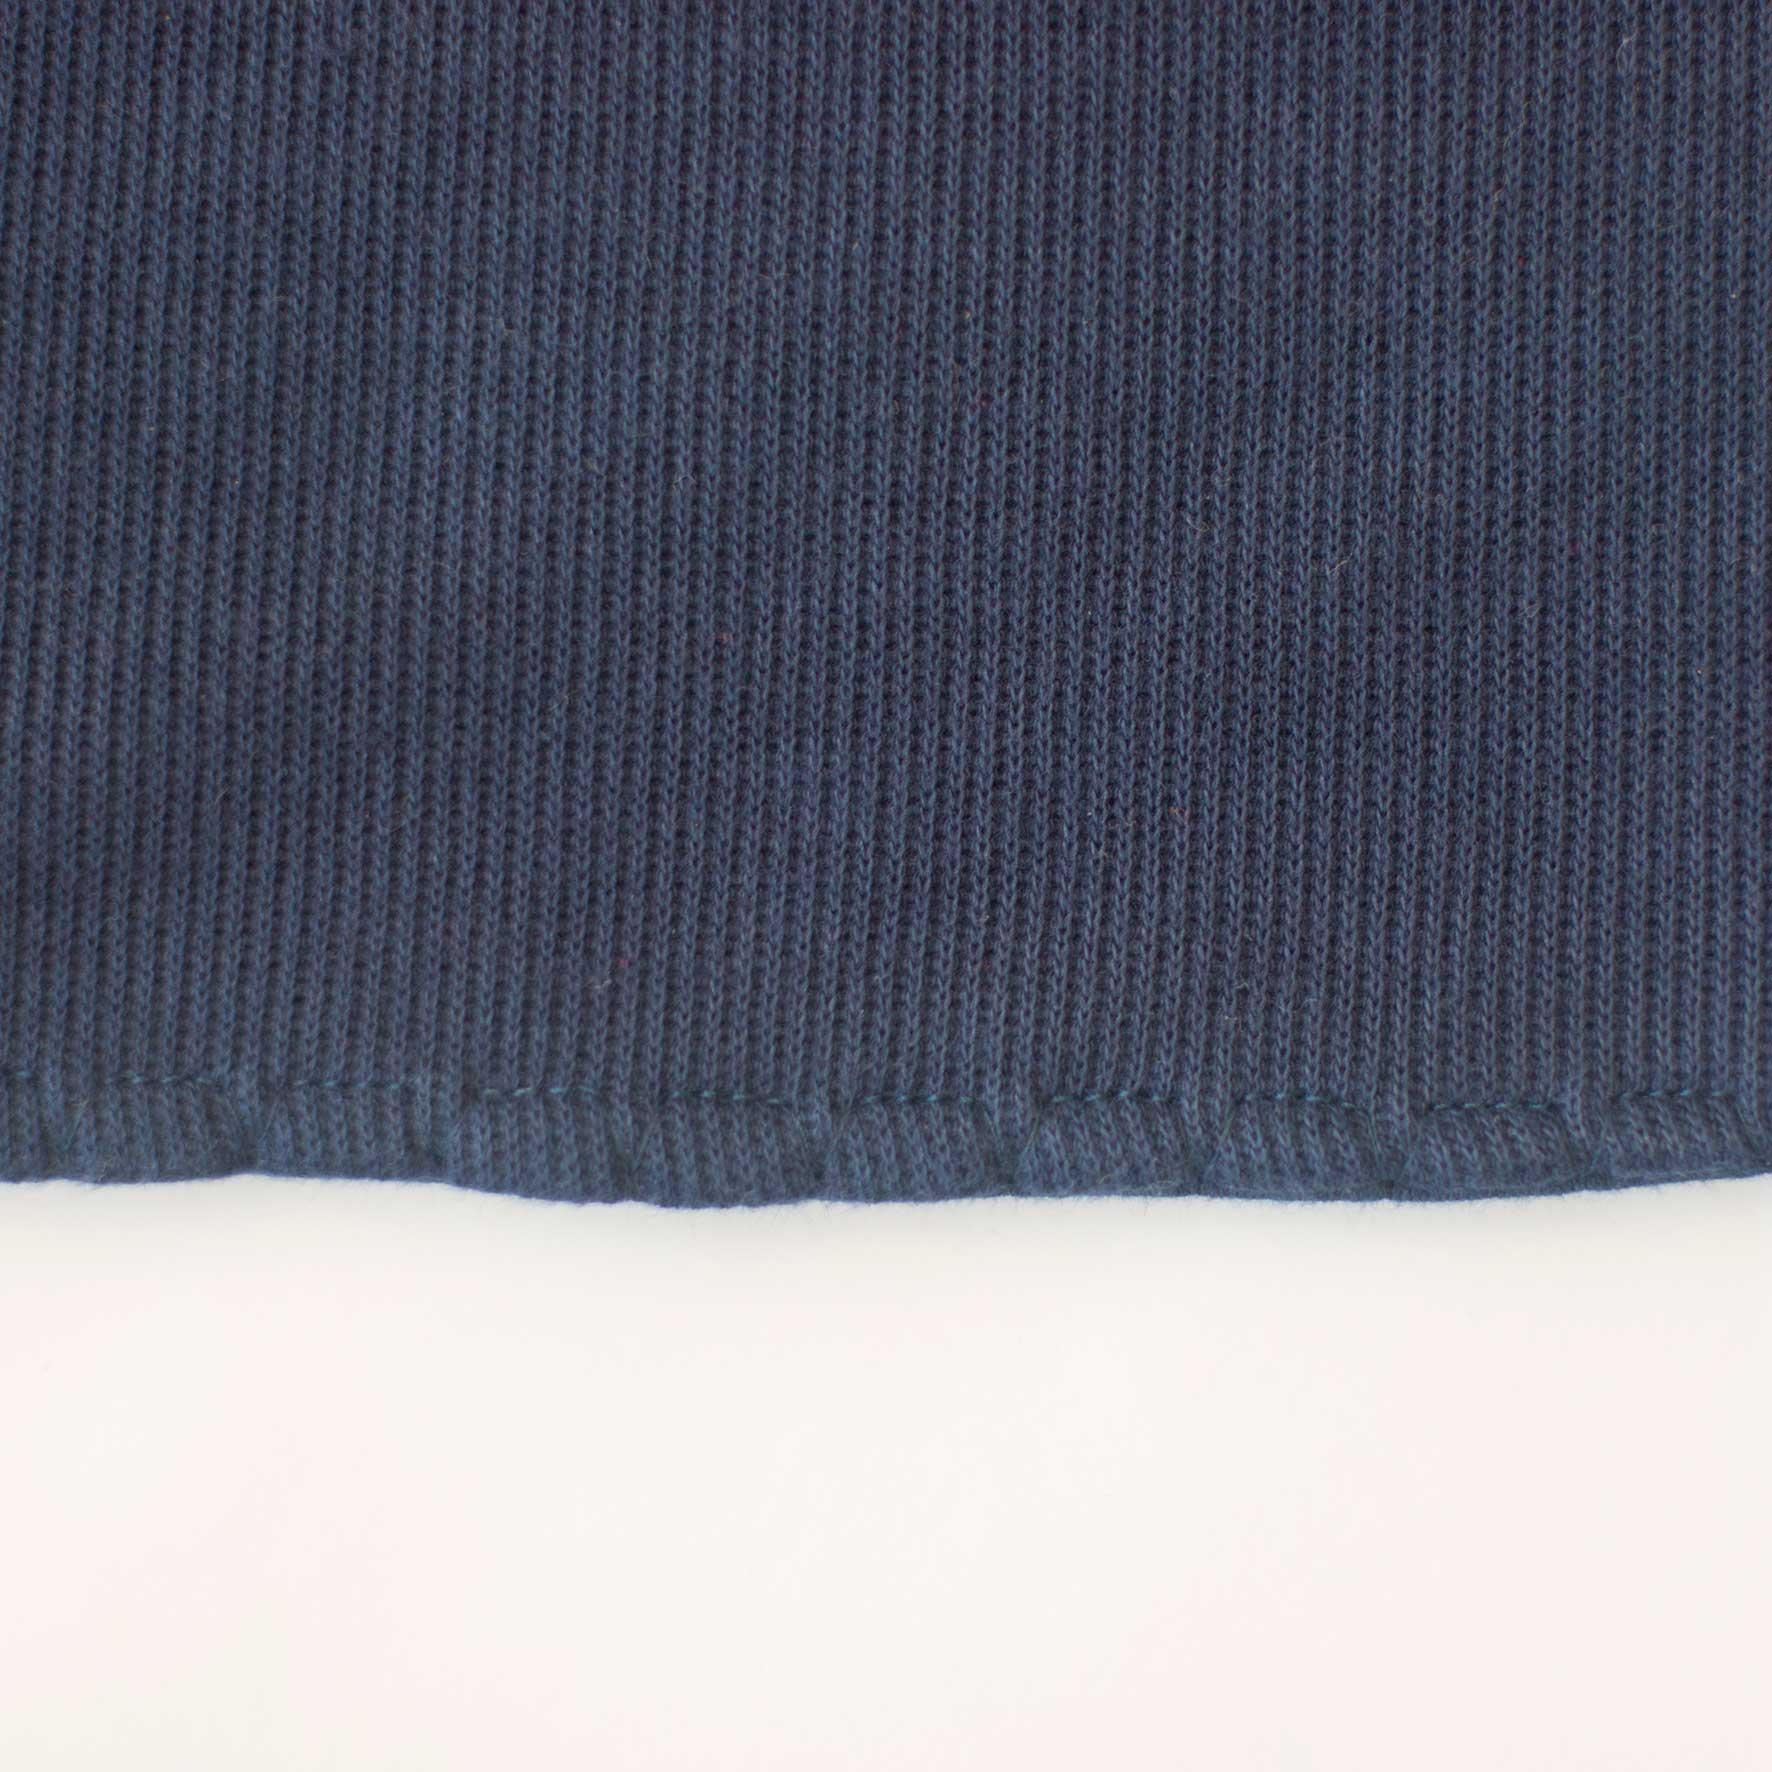 Manta Petit - Tricotil e Suedine Azul Marinho